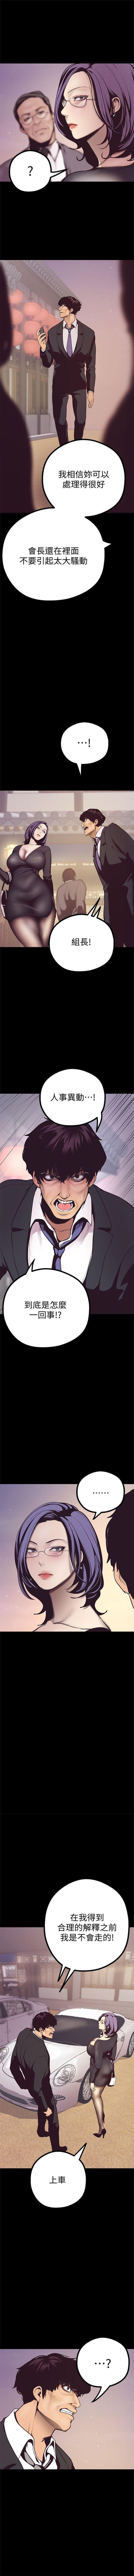 (週1)美麗新世界 1-70 中文翻譯 (更新中) 54